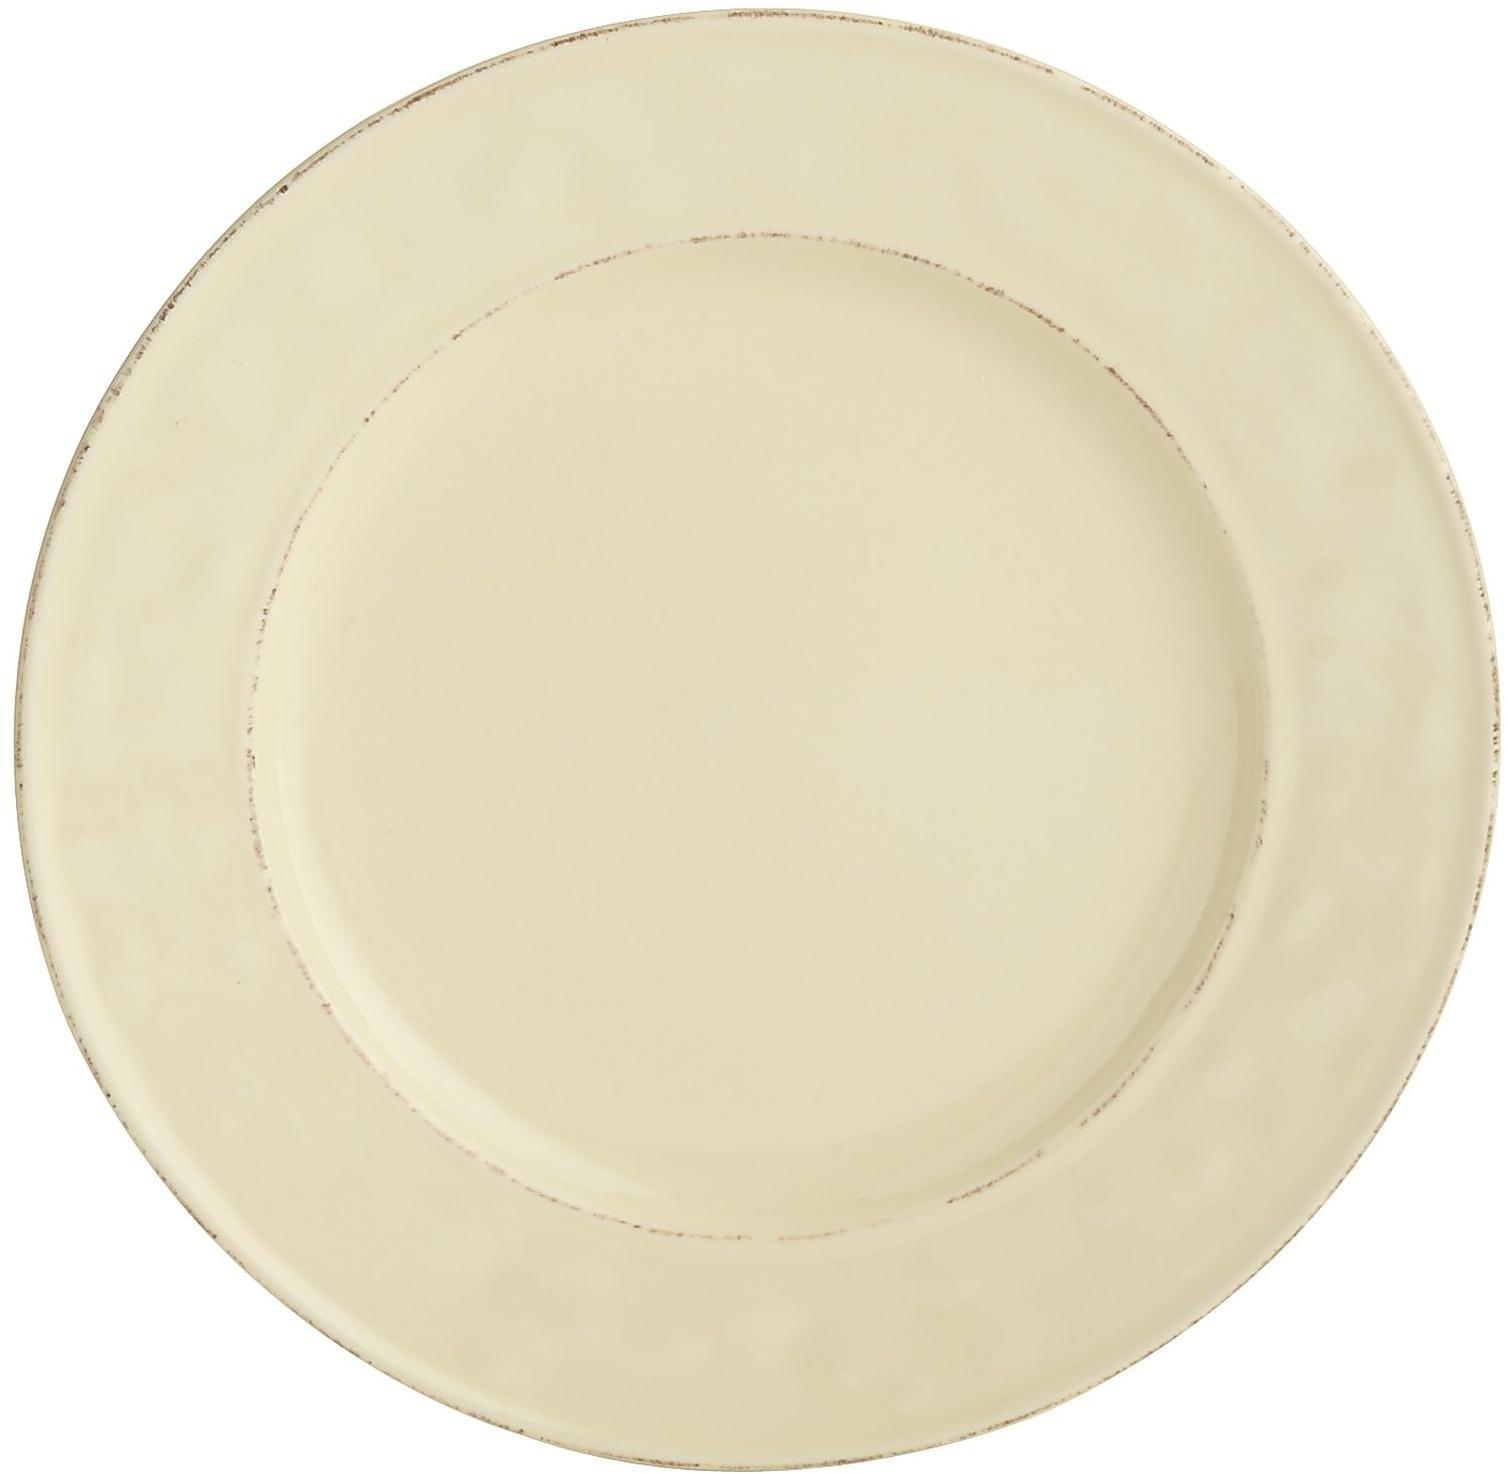 Martillo Salad Plate - Cream | Pier 1 Imports